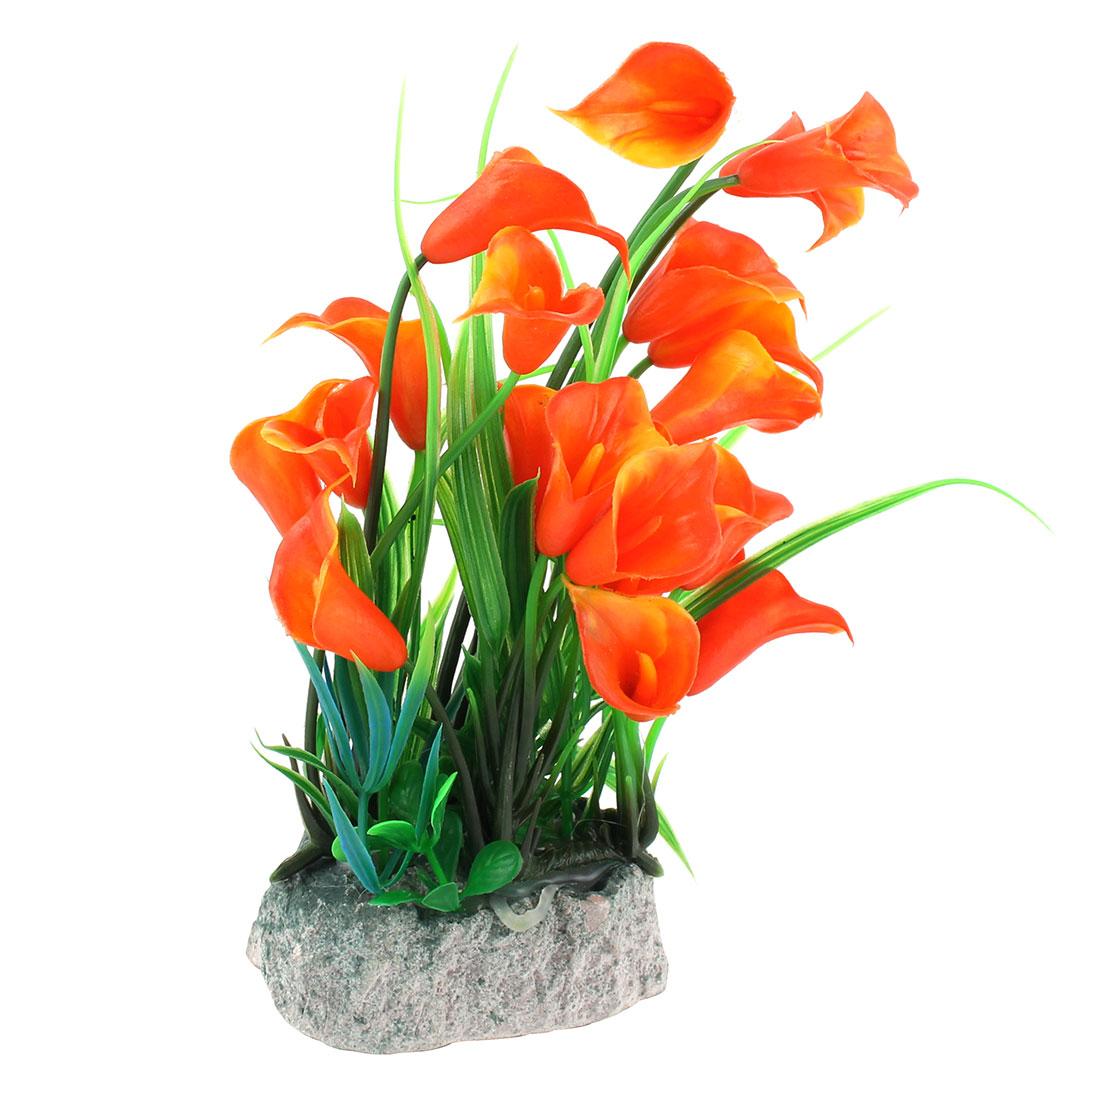 Aquarium Fish Tank Plastic Trumpet Flower Design Landscaping Manmade Aquatic Water Plant 21cm High